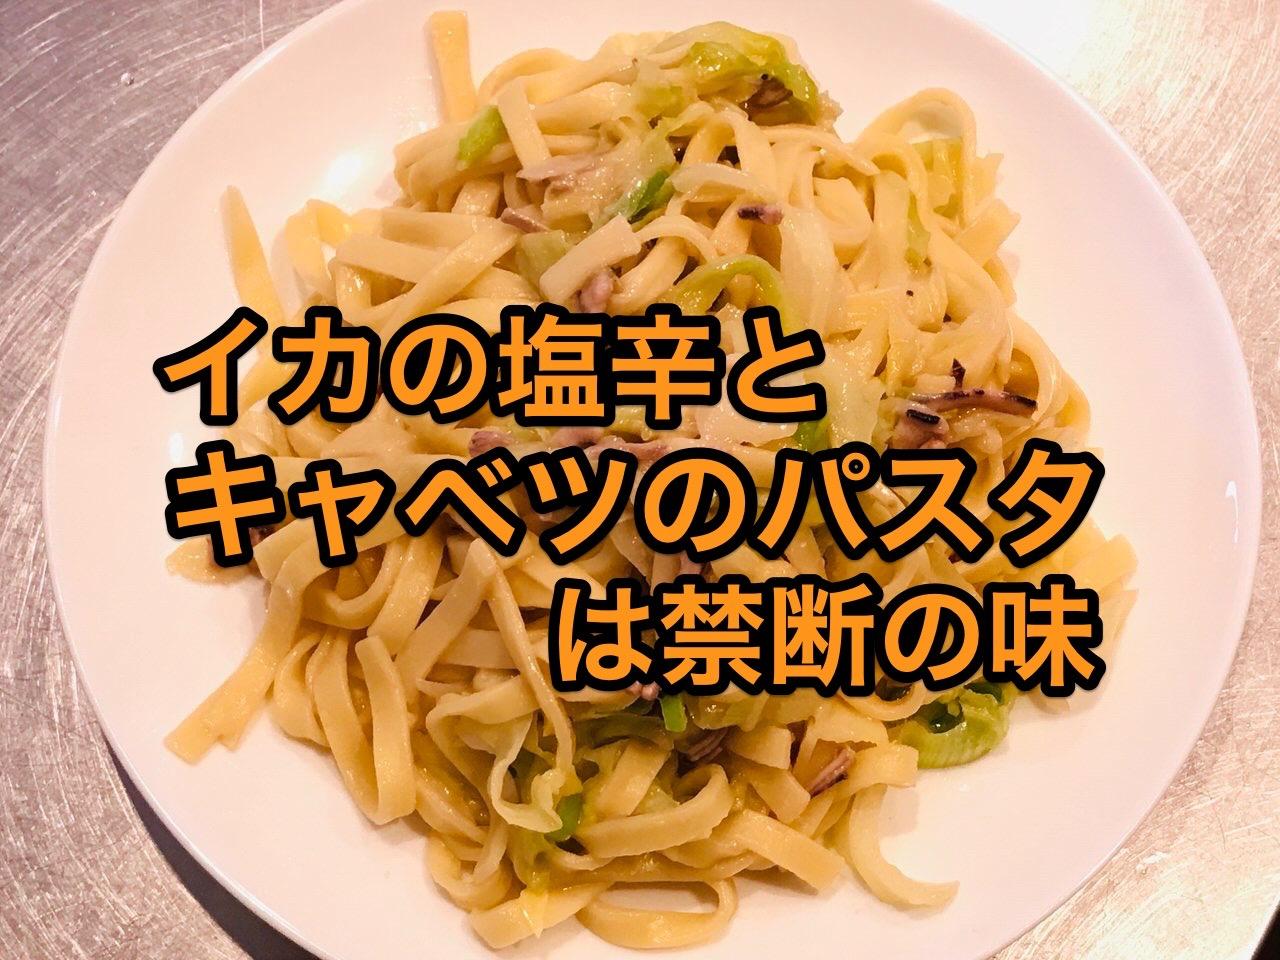 【簡単レシピ】「イカの塩辛とキャベツのパスタ」は禁断の美味さ